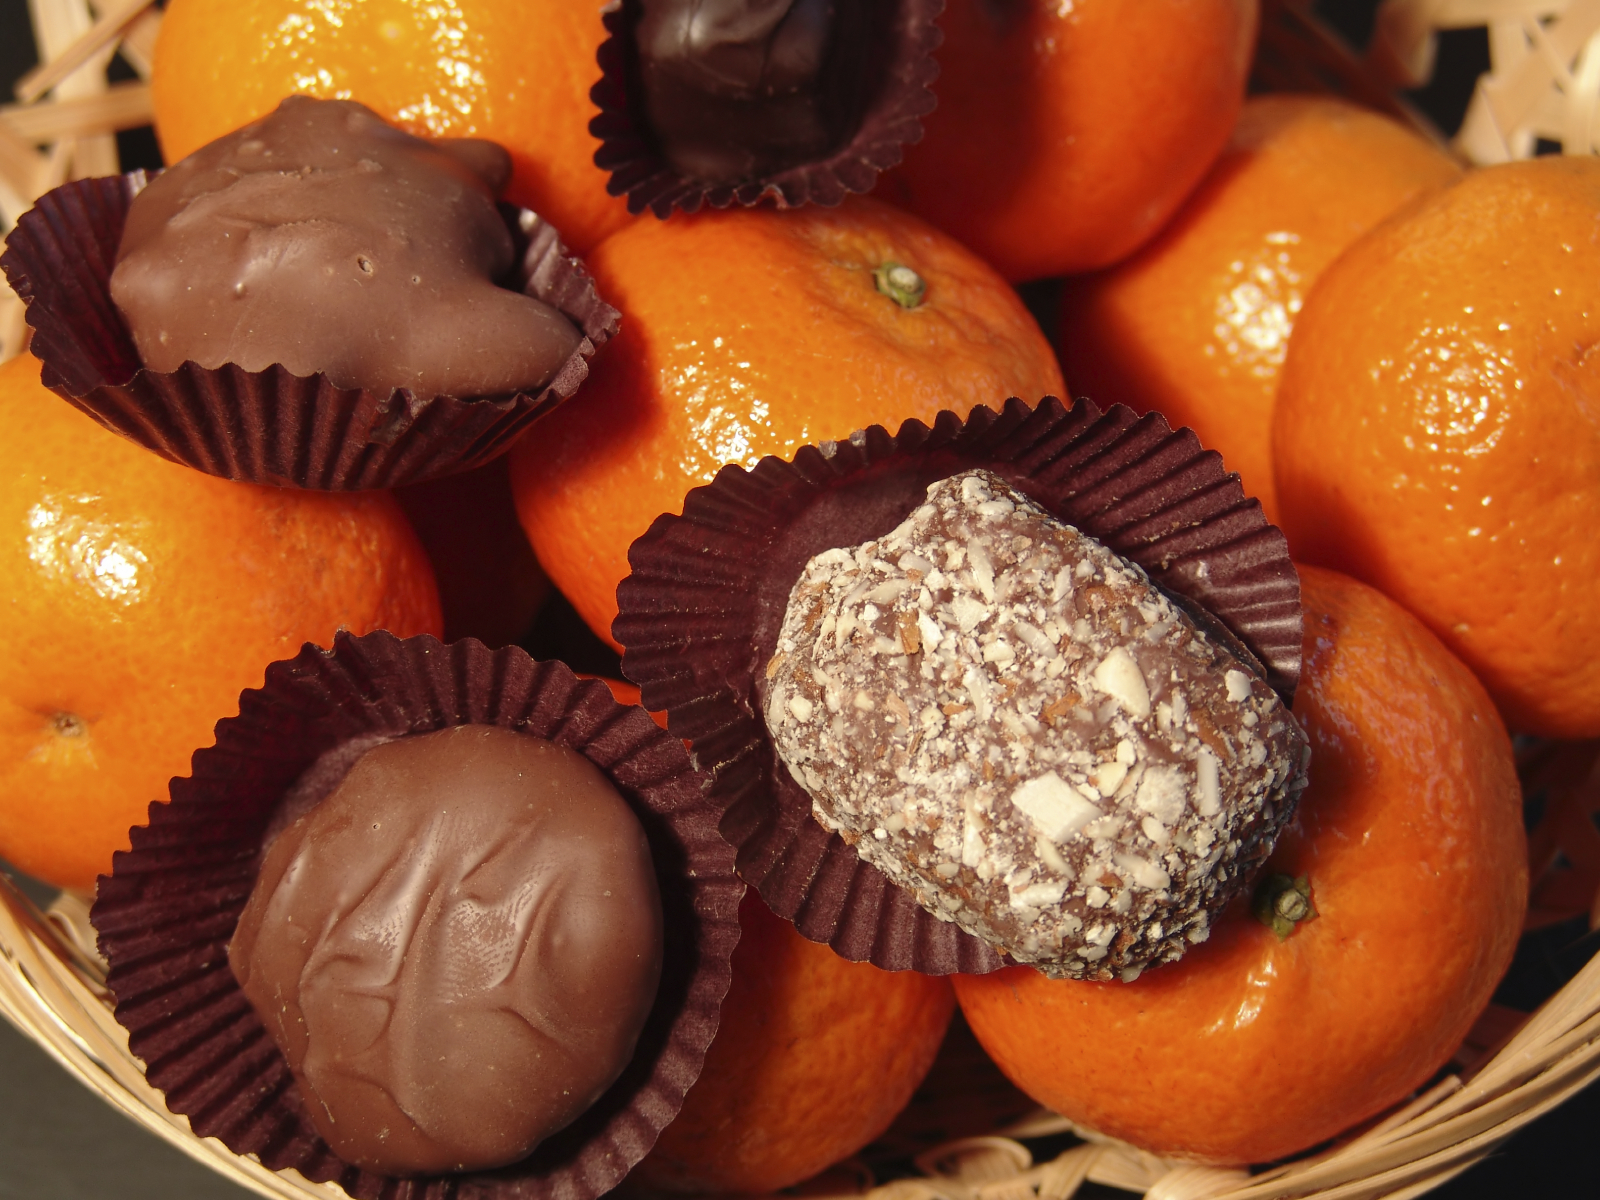 Masitas novedosas de frutilla y chocolate